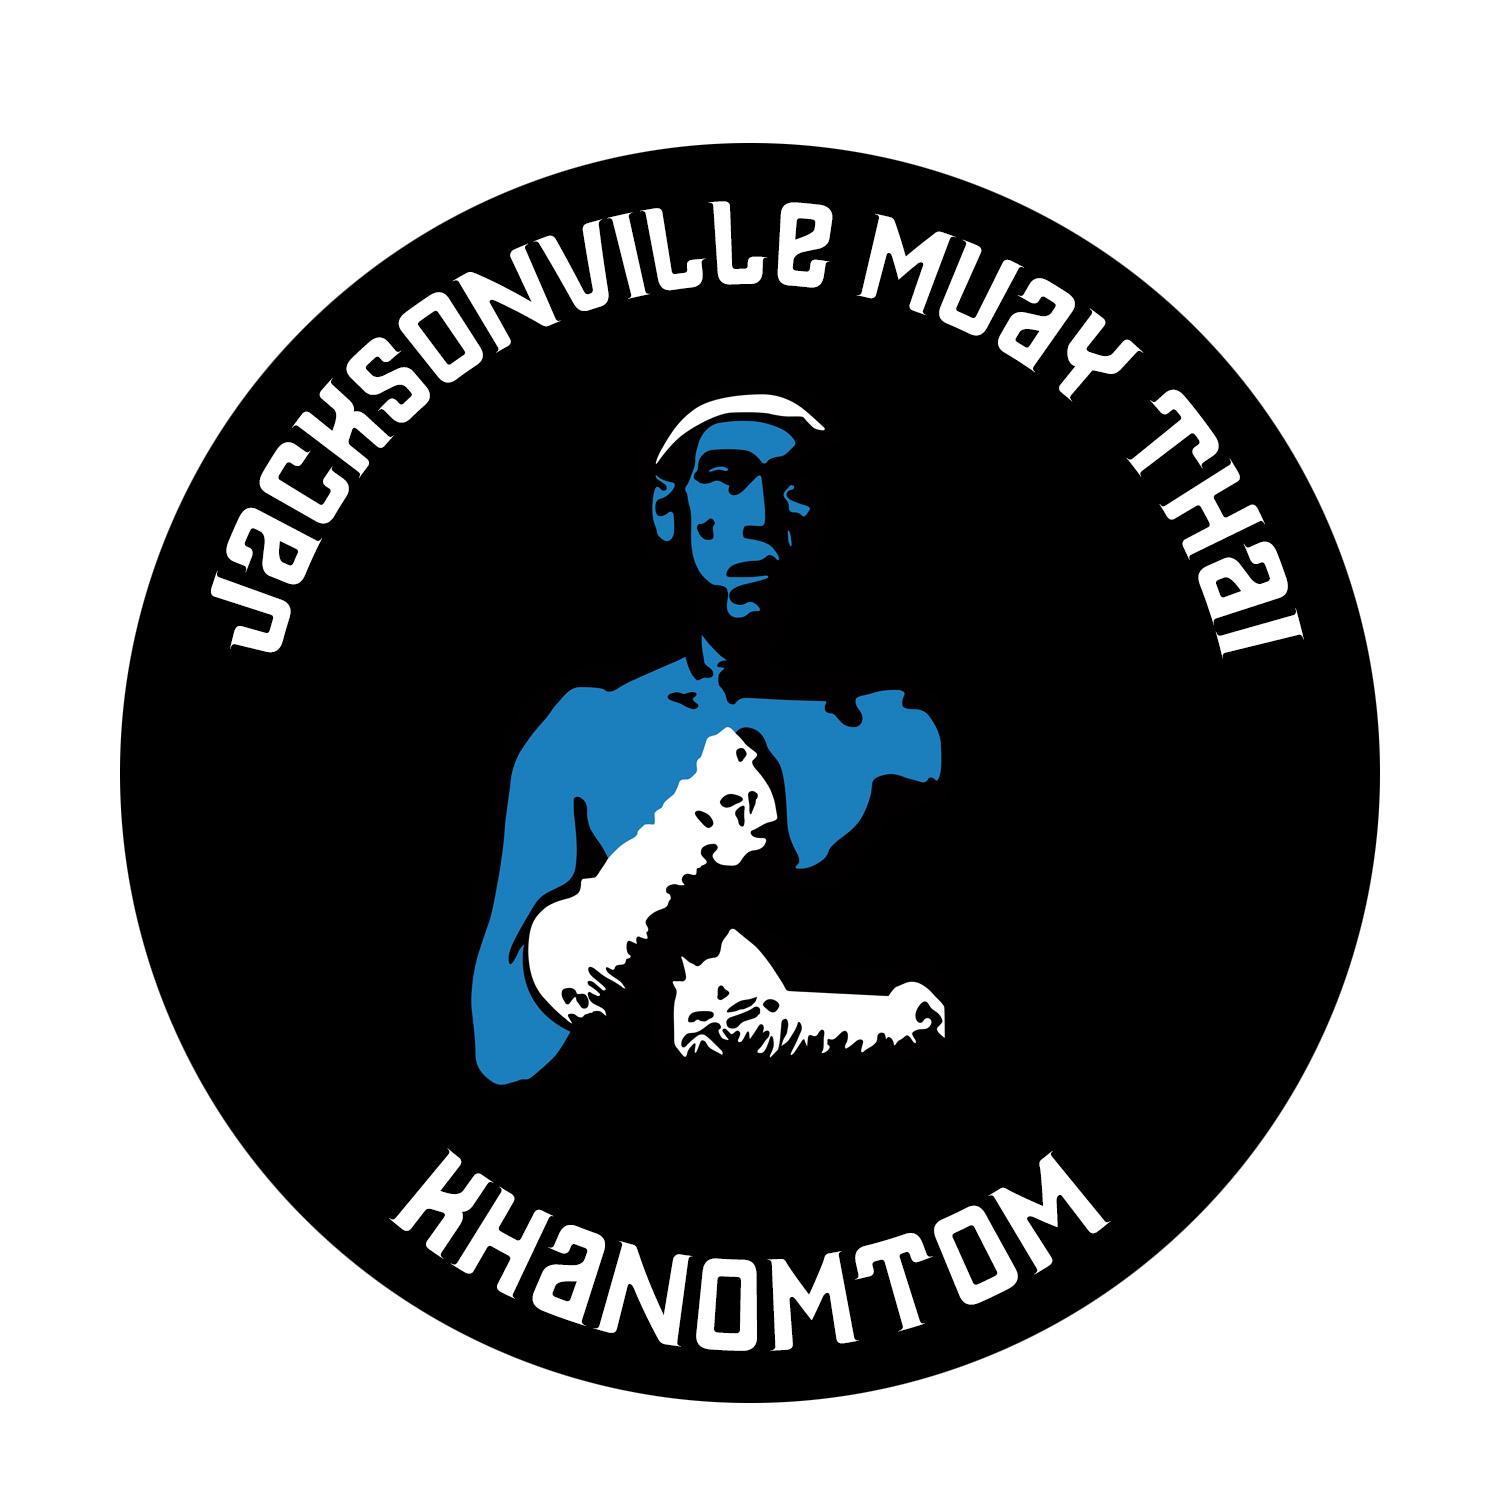 Jacksonville Muay Thai Khanomtom Jax Tampa Muay Thai